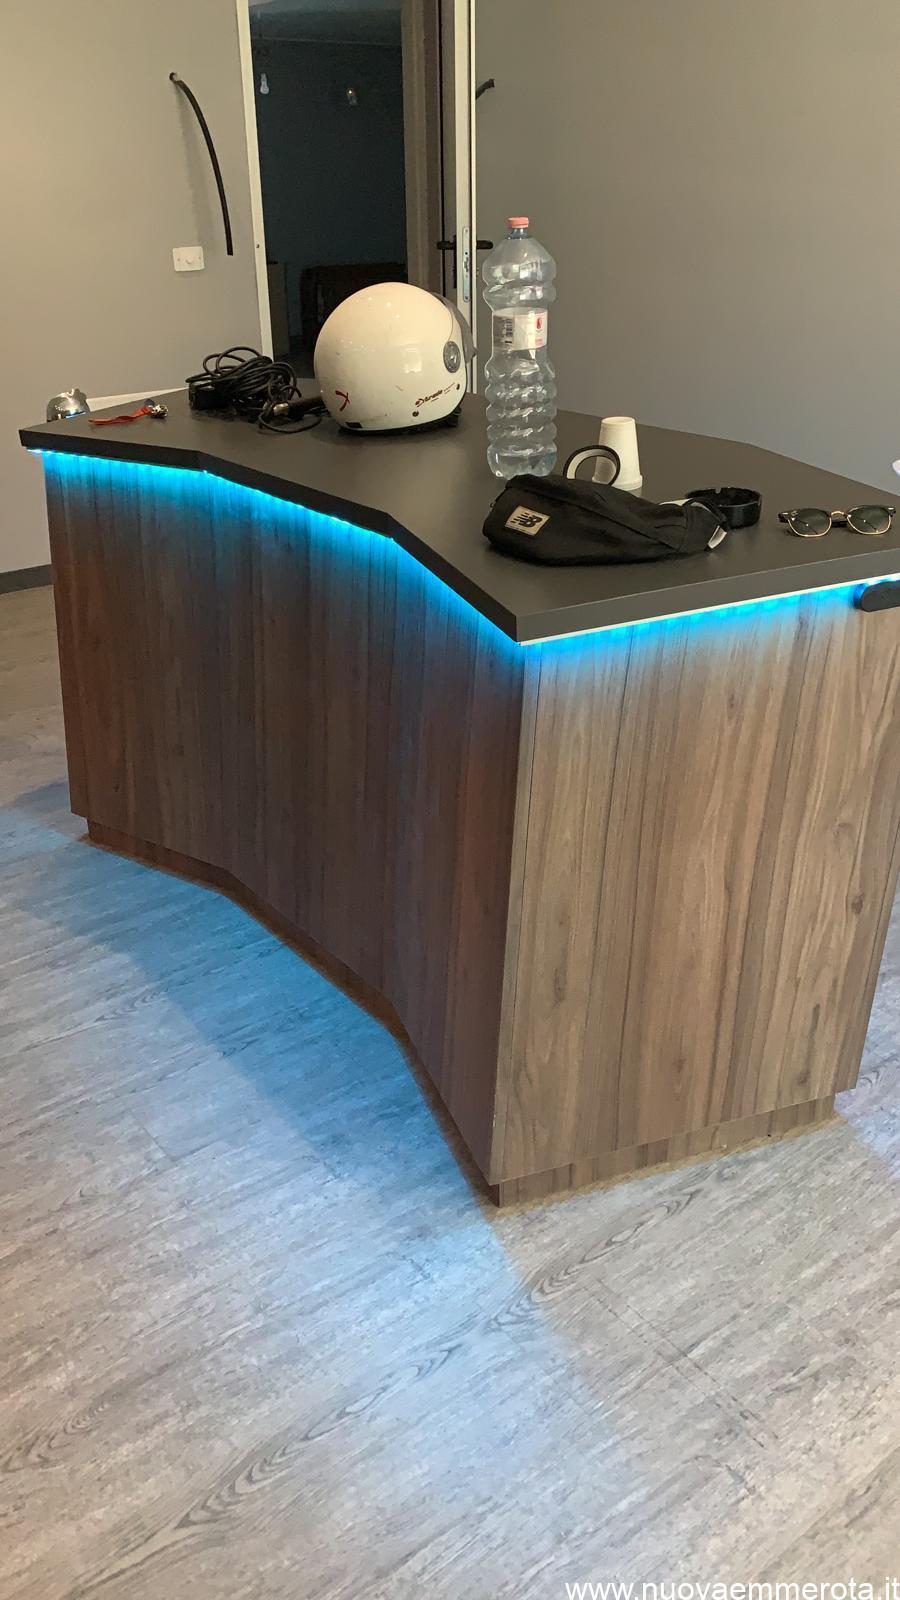 Bancone in legno con luce led blu per ufficio musica.